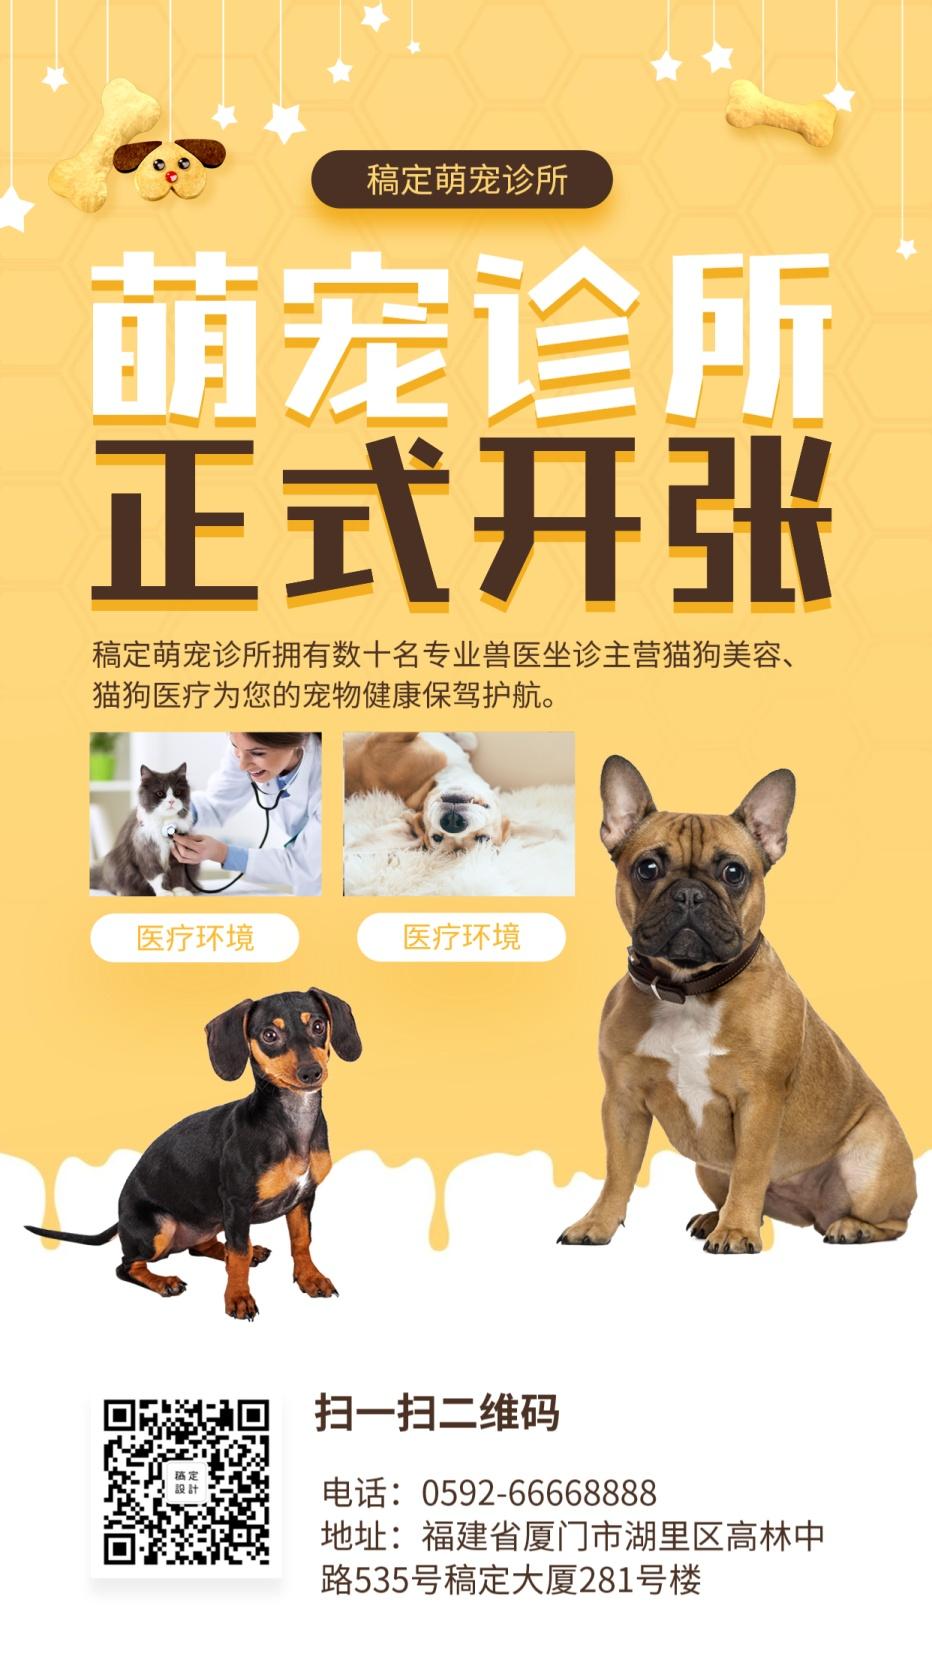 宠物/新店开业/卡通可爱/手机海报